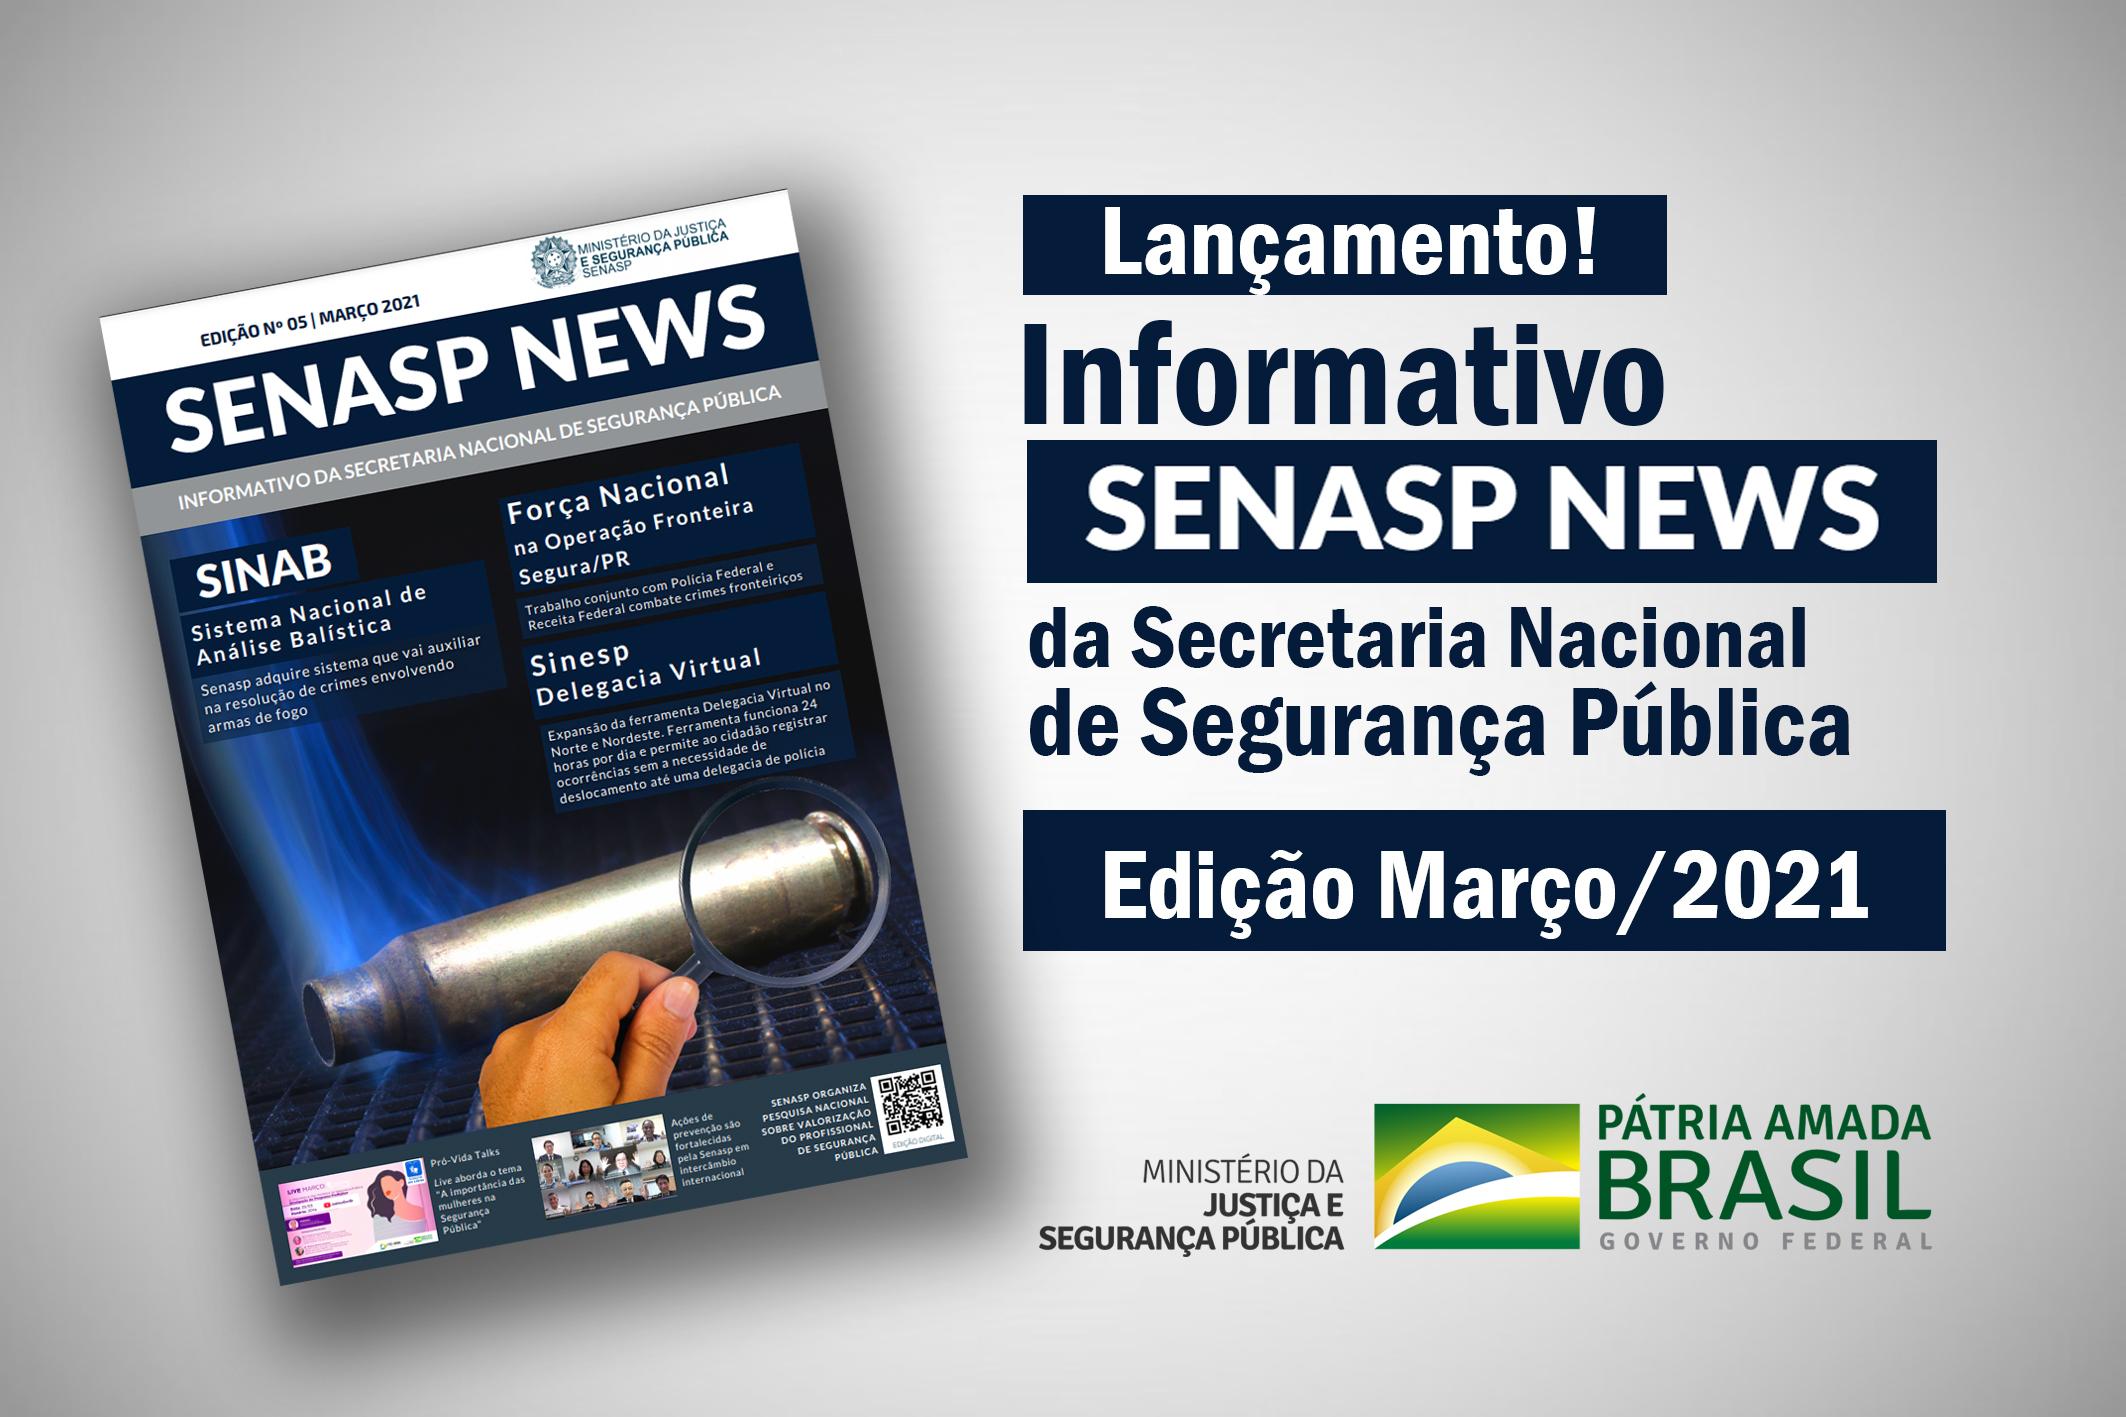 Lançamento Informativo Senasp News